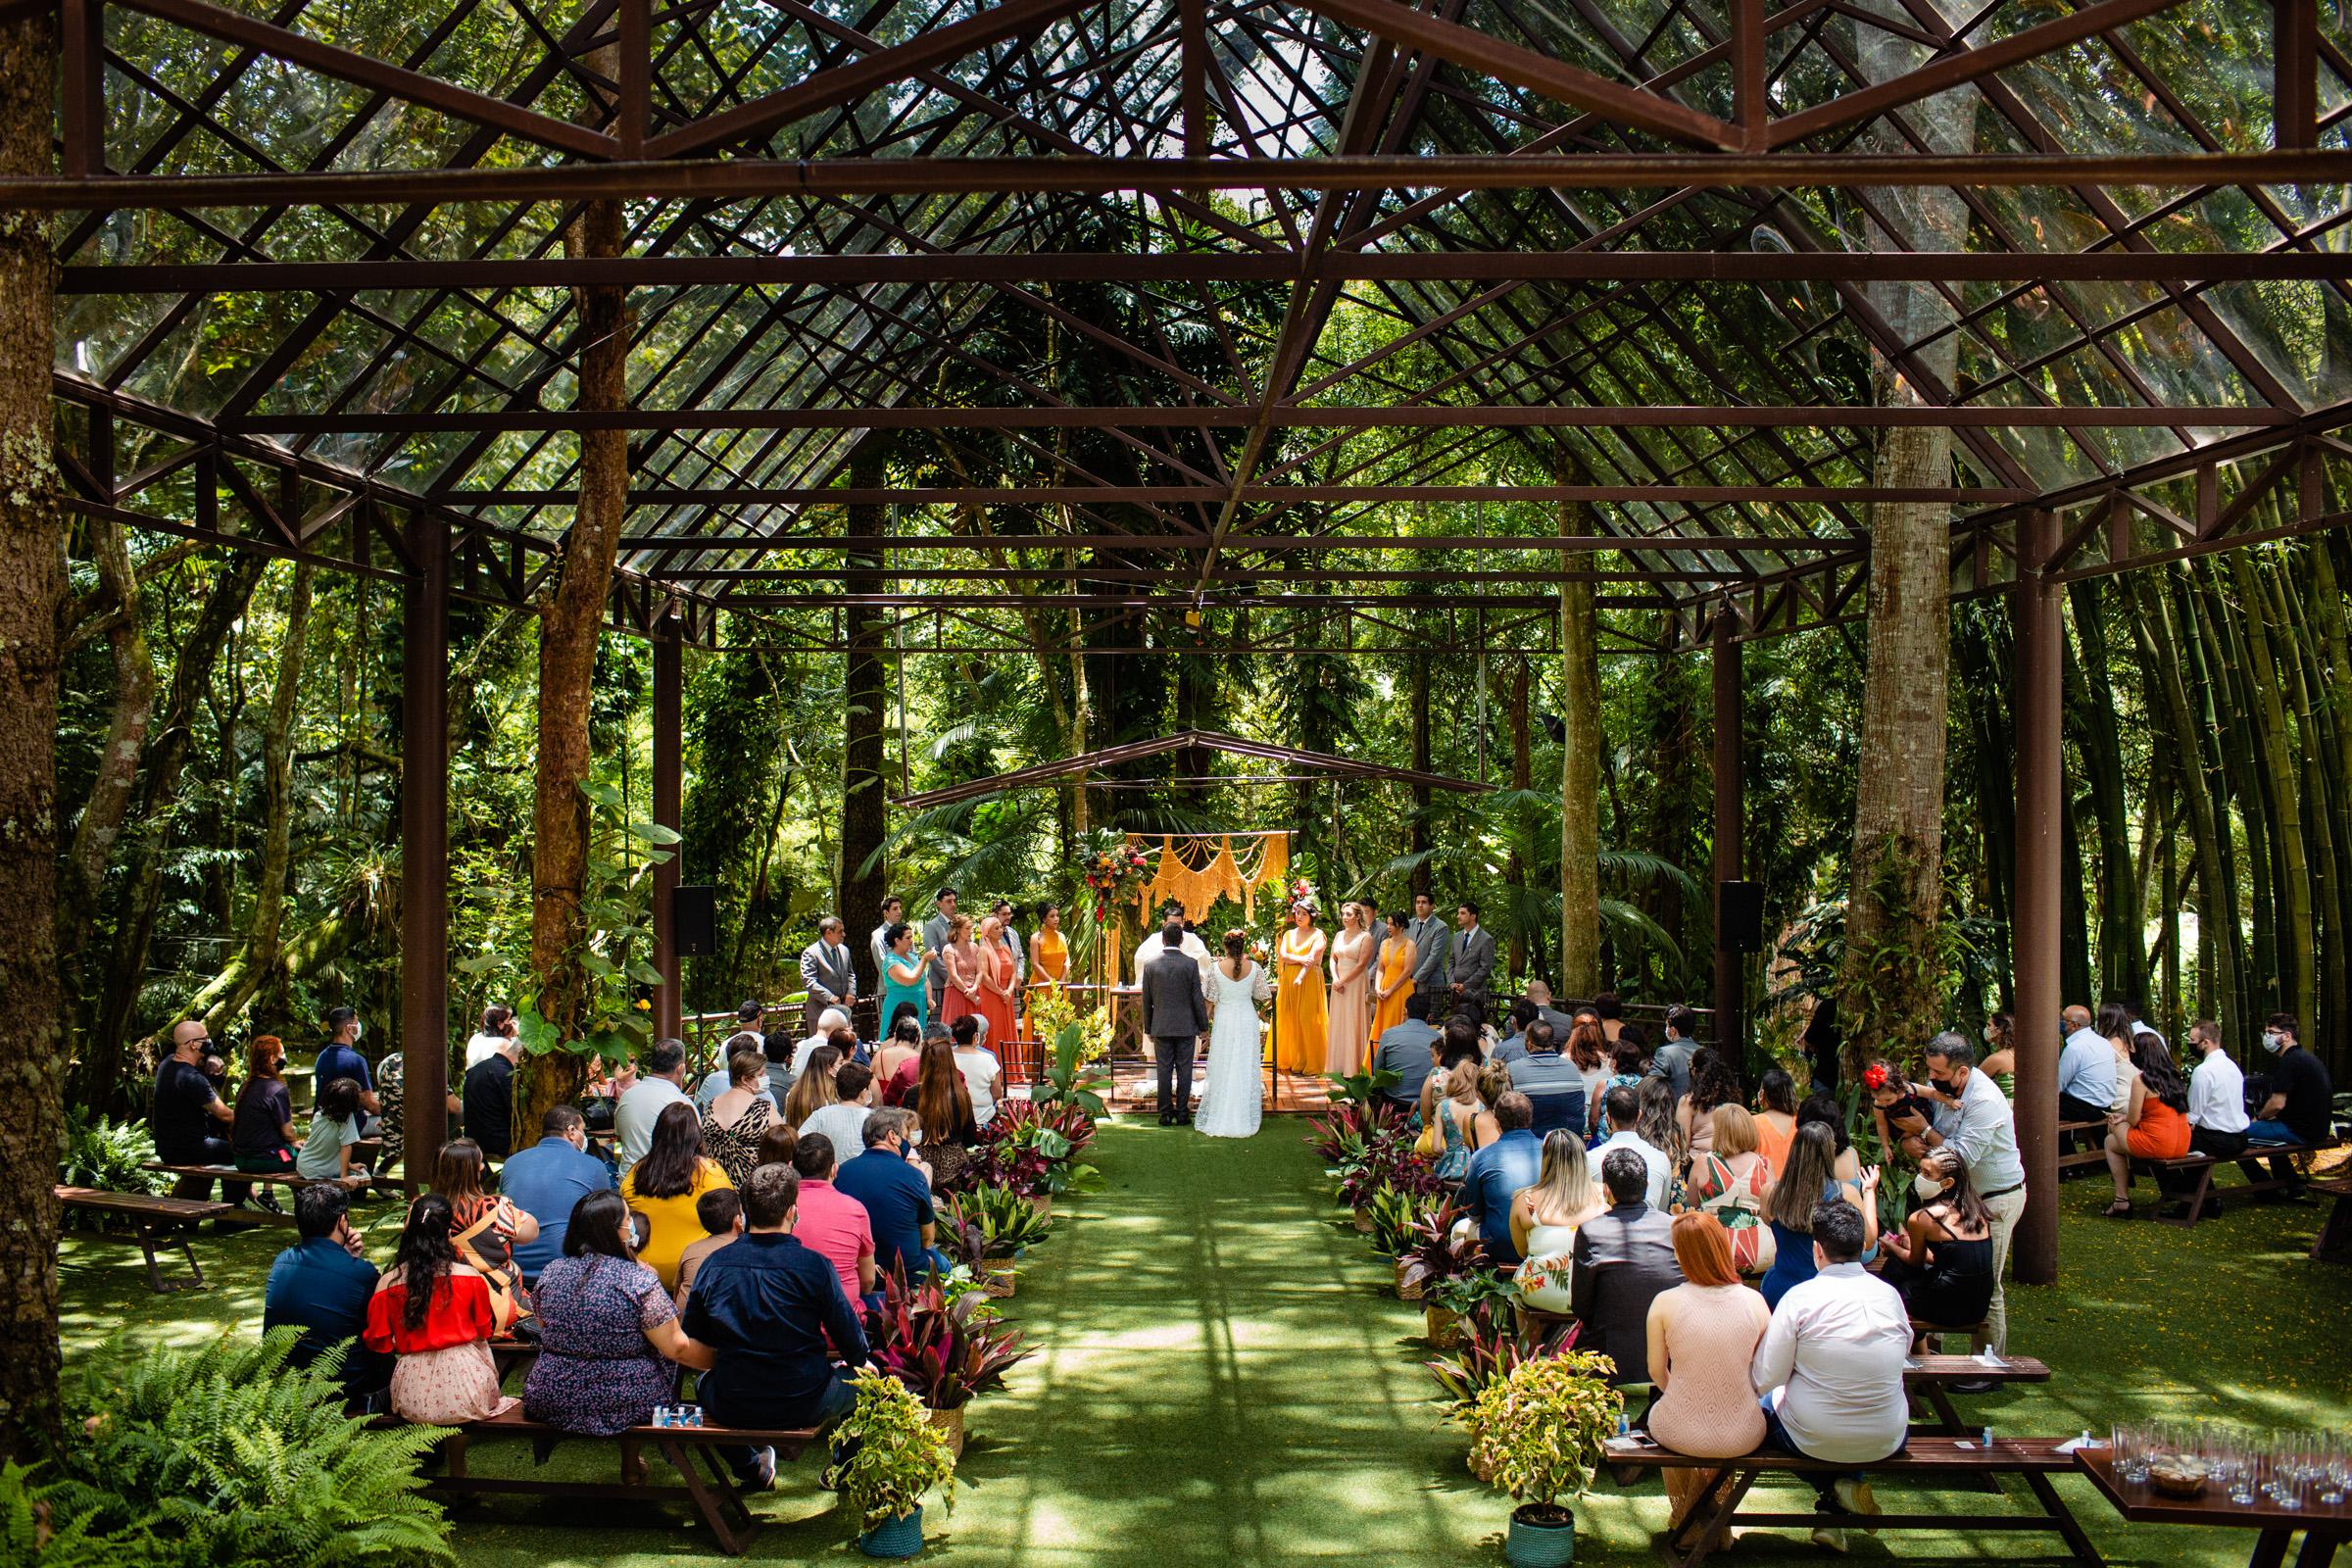 long-view-of-ceremony-in-glass-house-area-da-fotografia